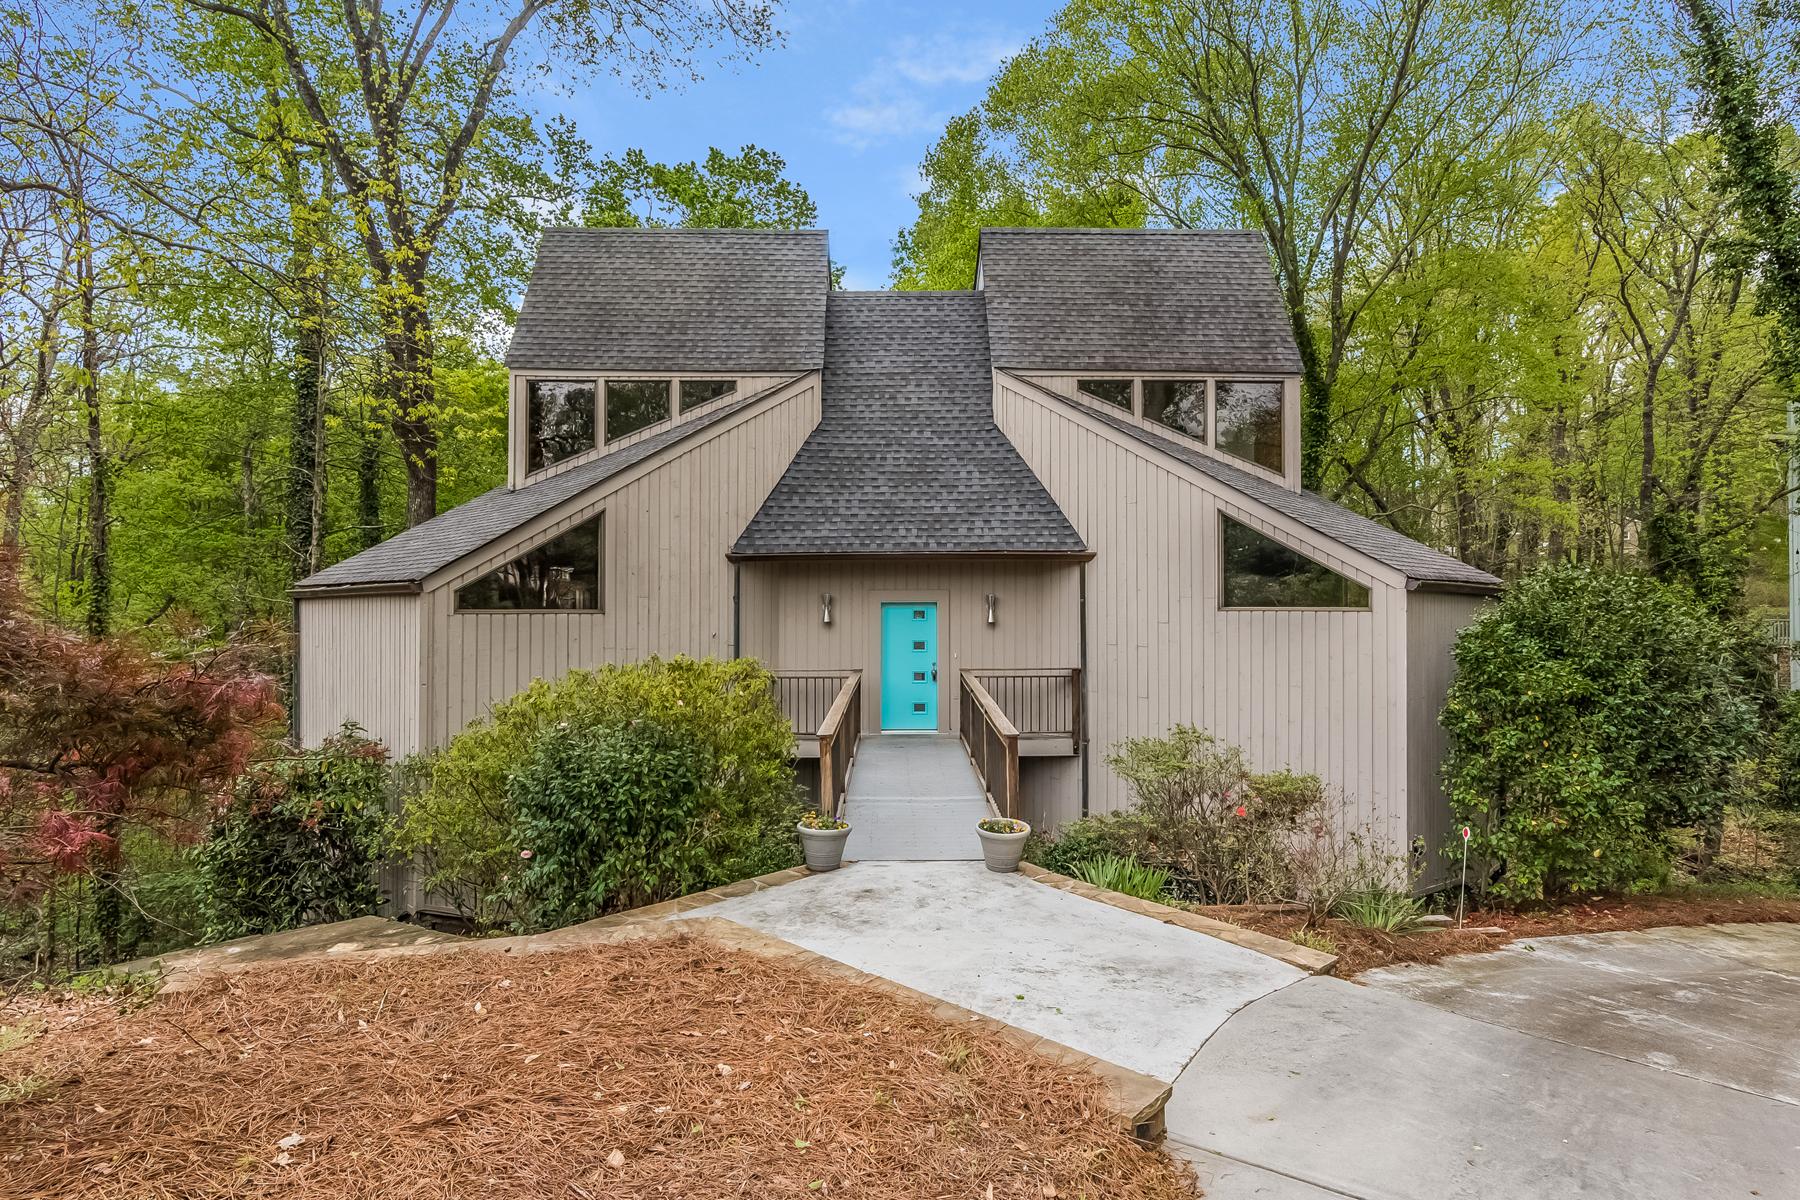 独户住宅 为 销售 在 Contemporary Light Filled Sandy Springs Home 625 Valley Hall Drive 桑迪, 乔治亚州, 30350 美国